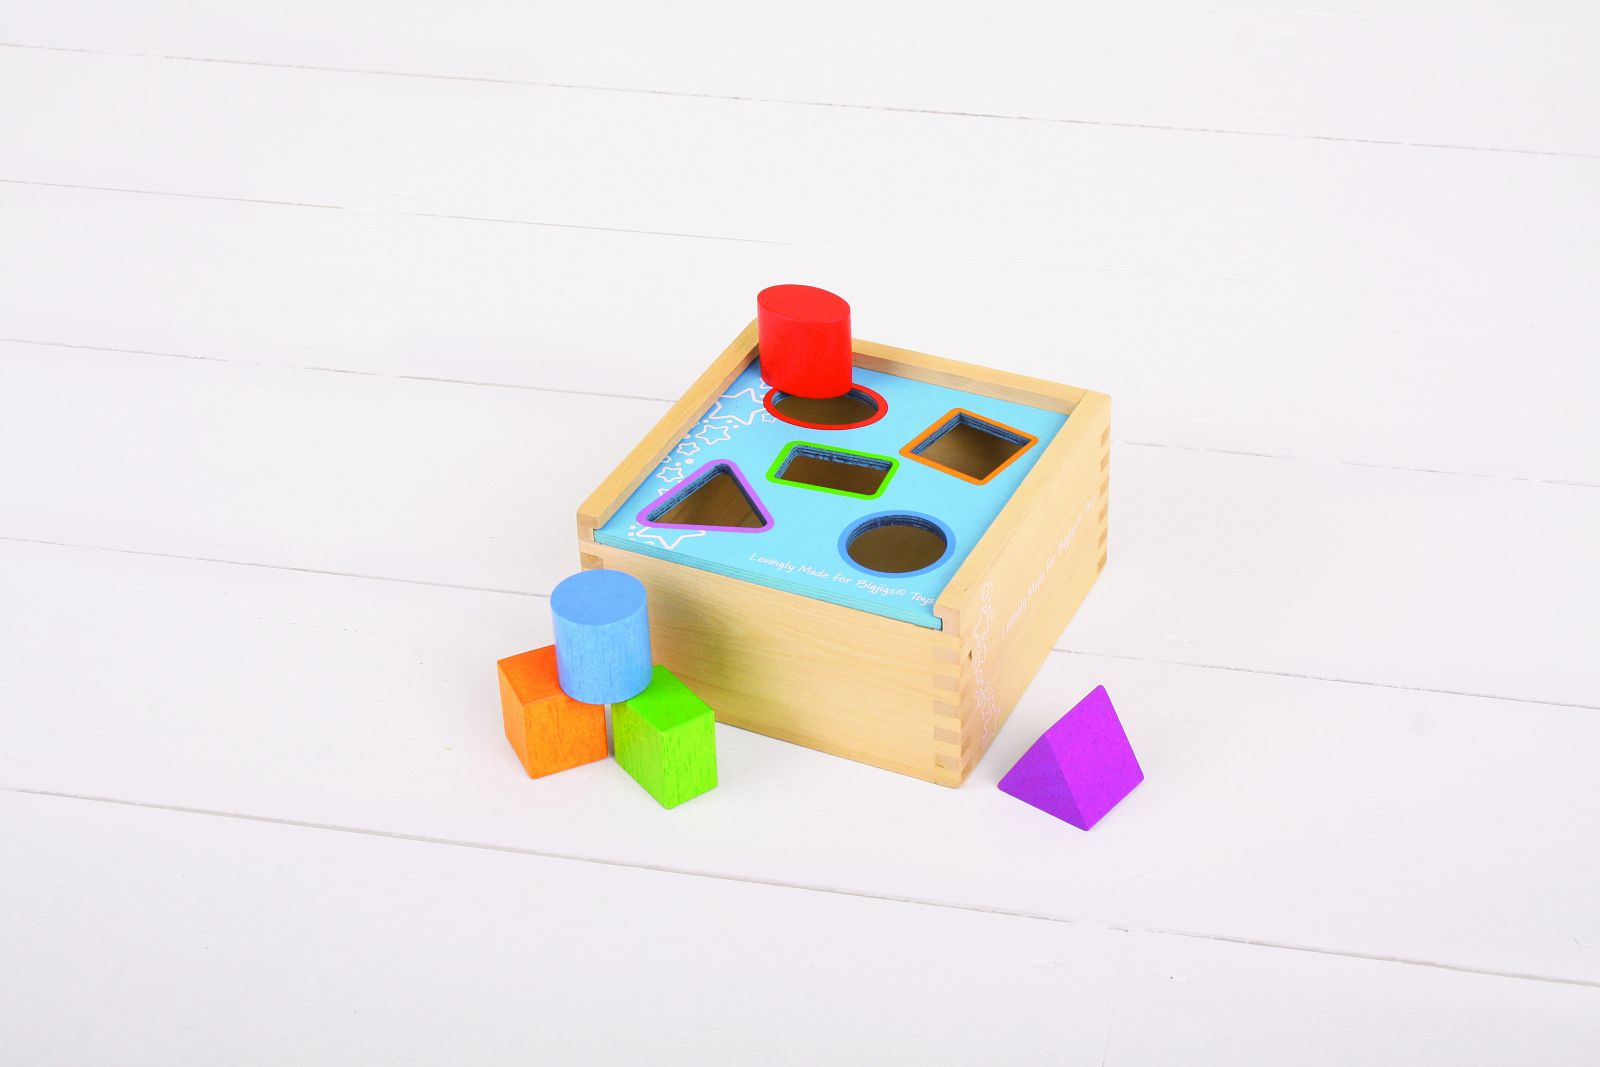 Dřevěná motorická vhazovací hračka - Krabička s tvary